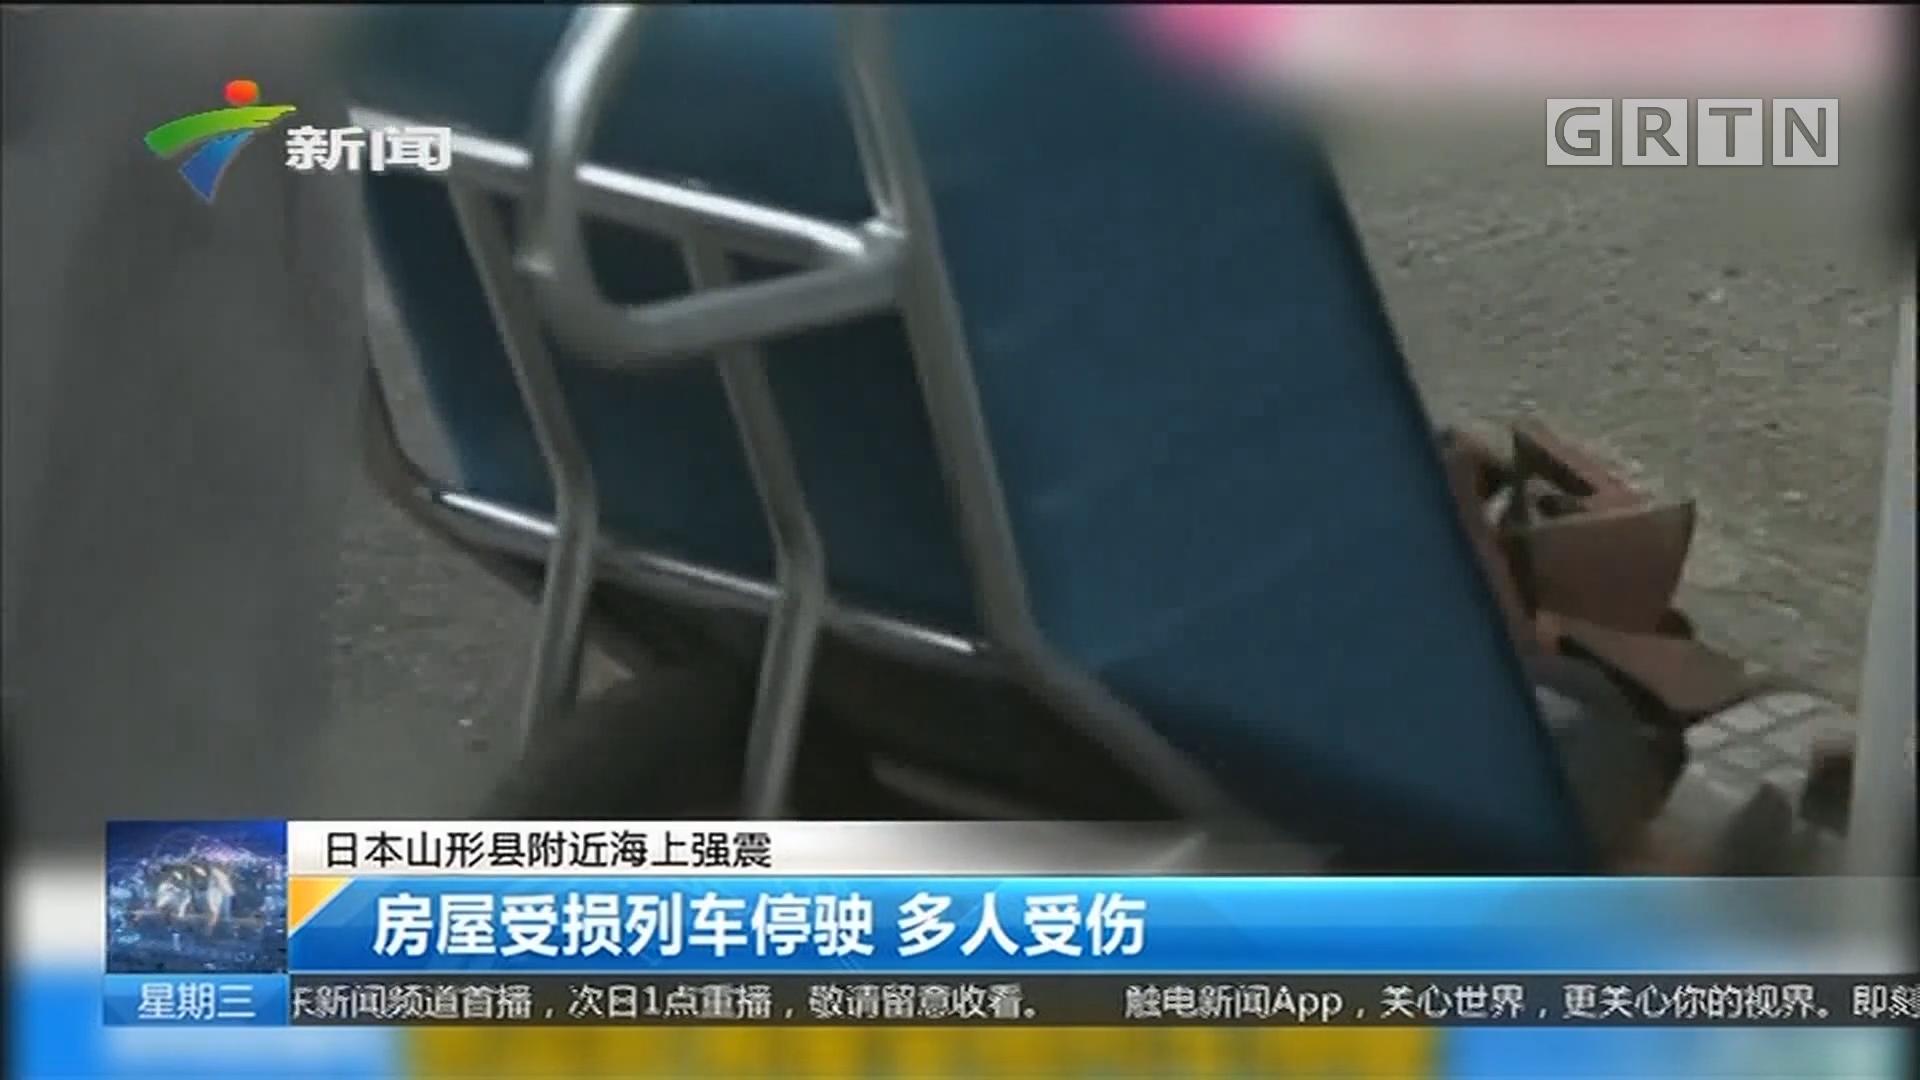 日本山形县附近海上强震:房屋受损列车停驶 多人受伤